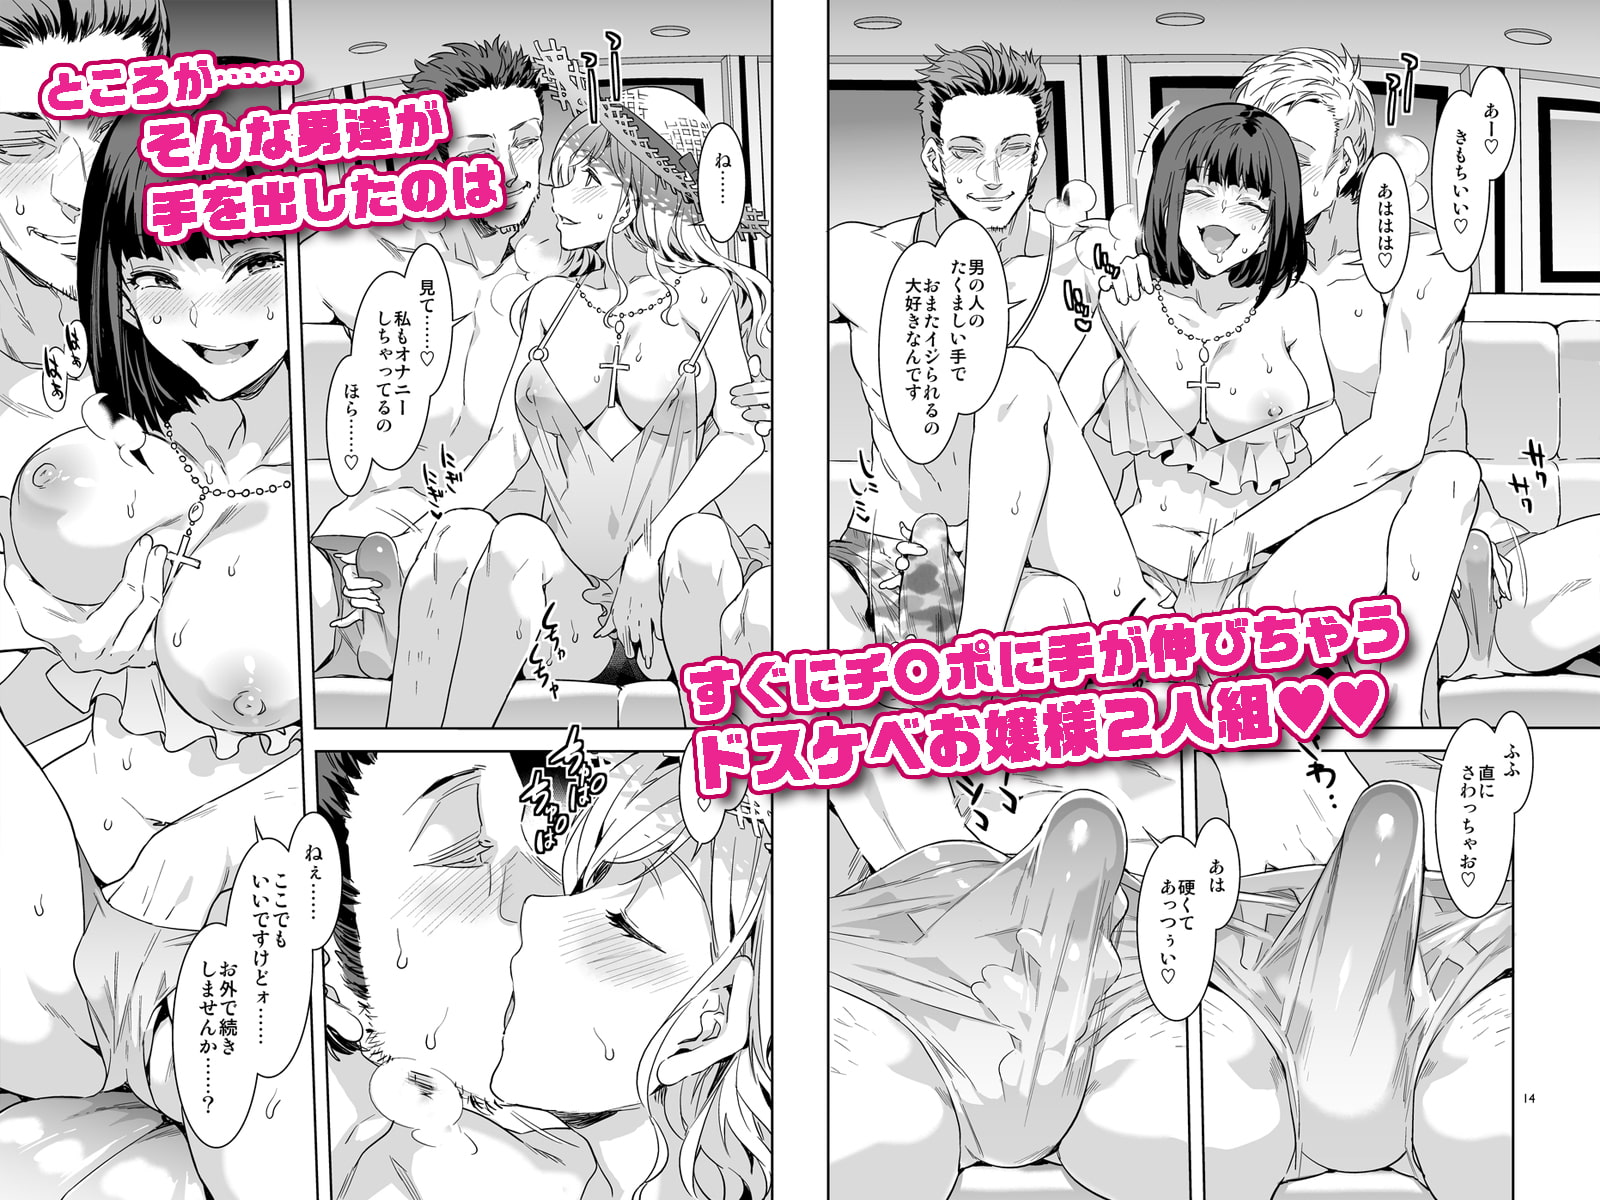 マ〇ア様がみてる売春X -DL再編集版-のサンプル画像2